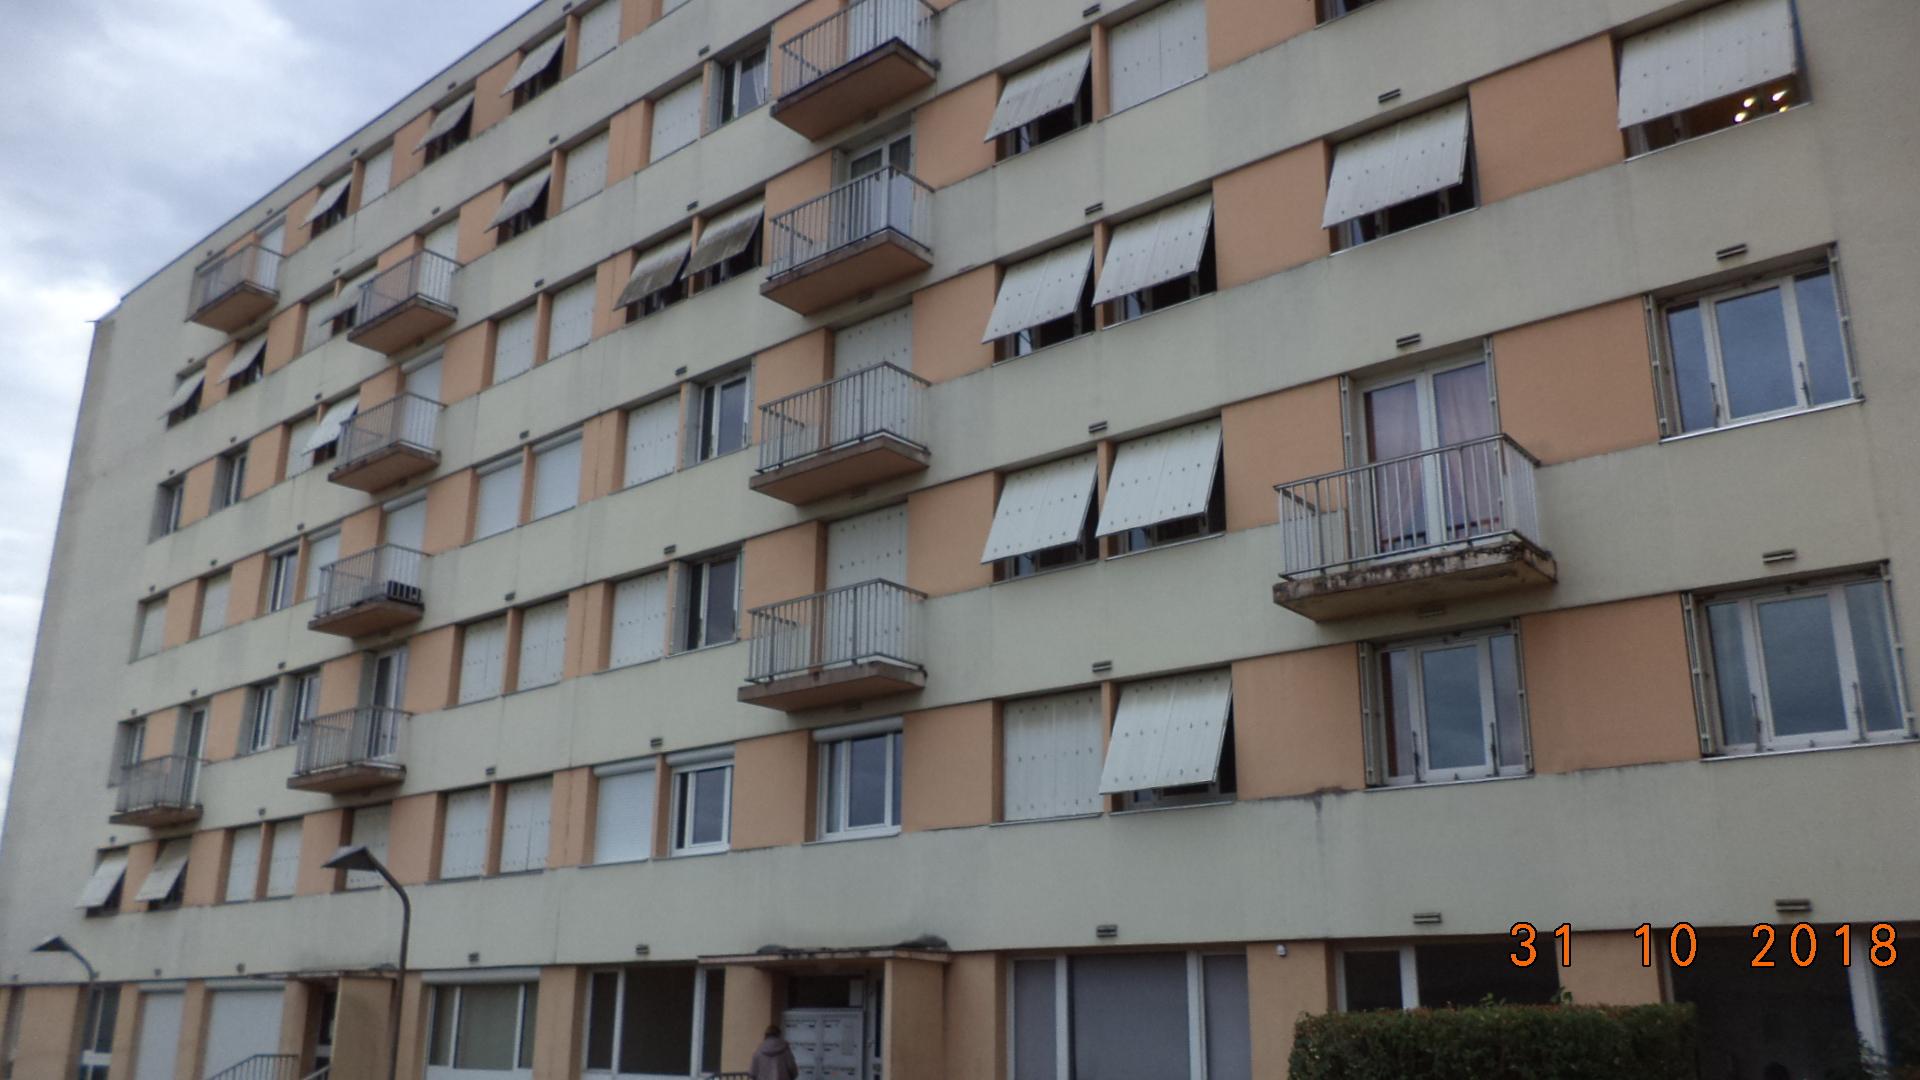 Audit Energétique de la Copropriété Le Faubourg à Bourg en Bresse - 01